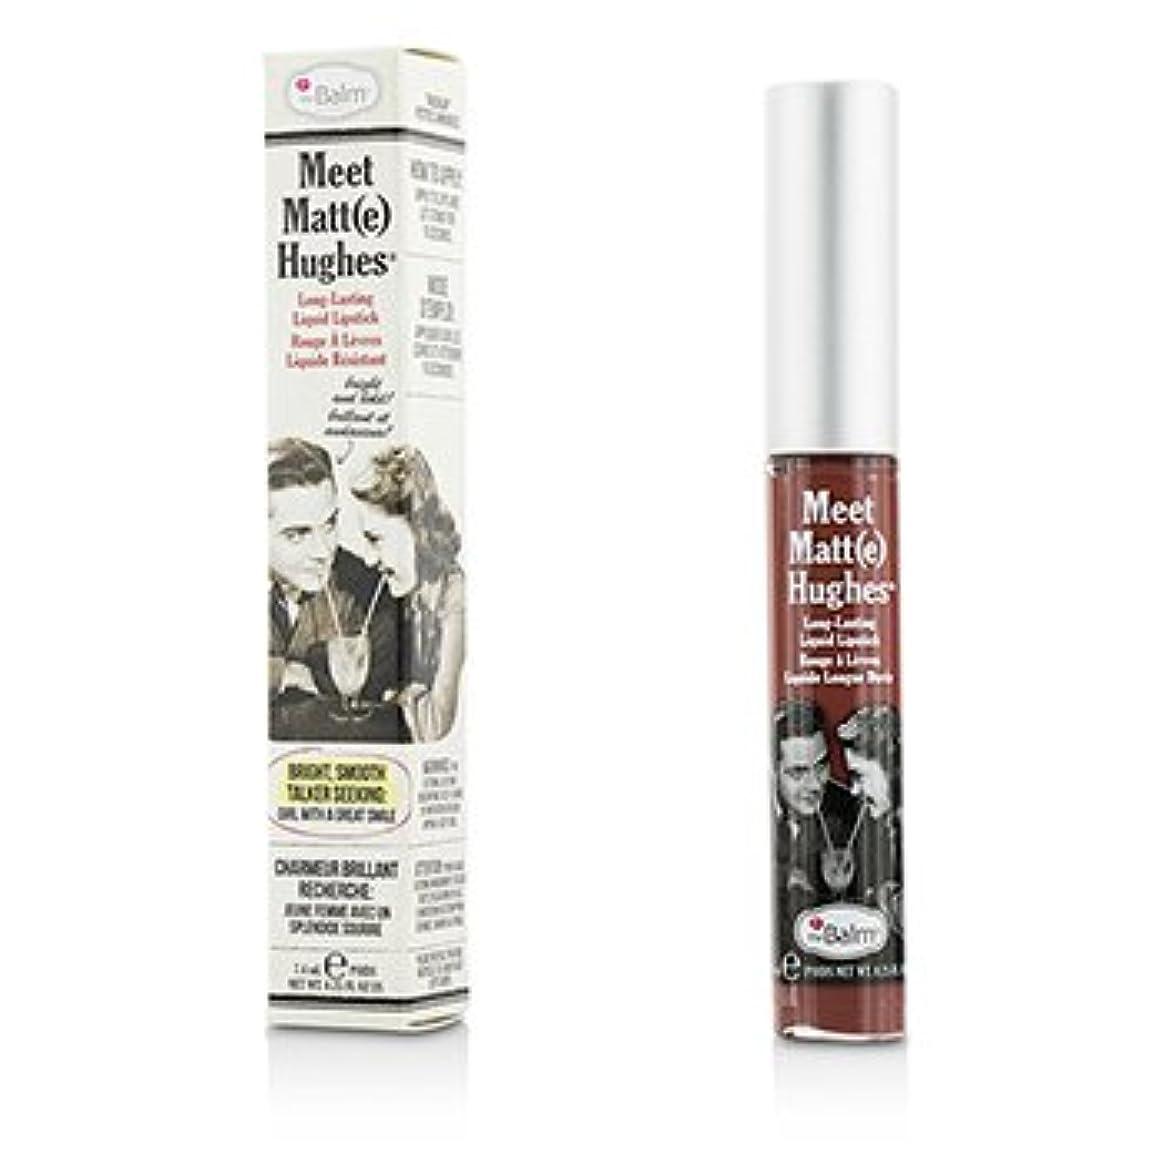 自体ホバー尽きる[TheBalm] Meet Matte Hughes Long Lasting Liquid Lipstick - Charming 7.4ml/0.25oz